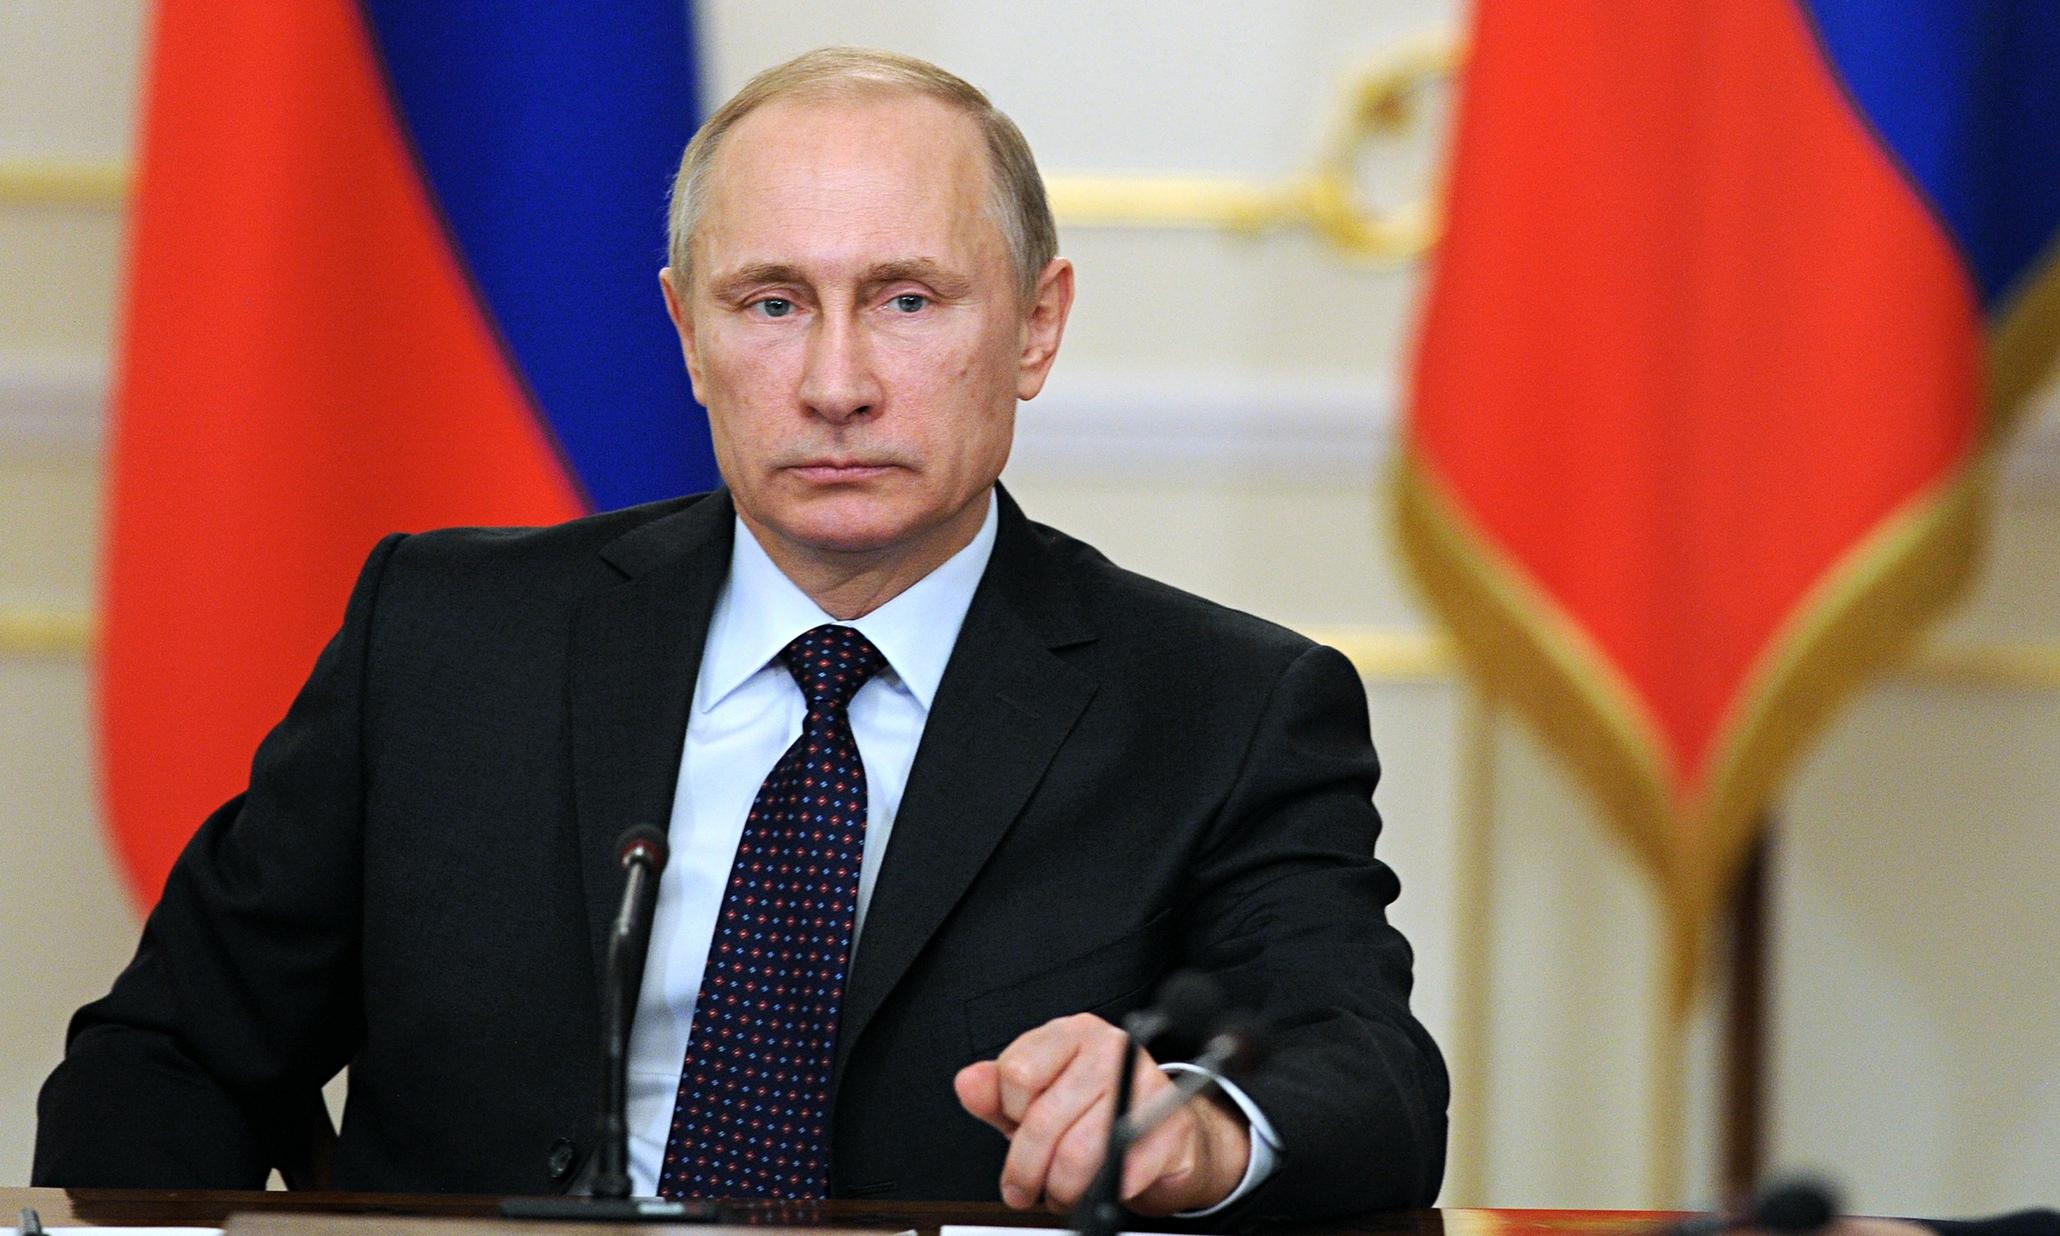 Tổng thống Nga Putin sẽ không tham dự hội nghị thượng đỉnh APEC được tổ chức ở Philippines vào ngày 18 – 19/11